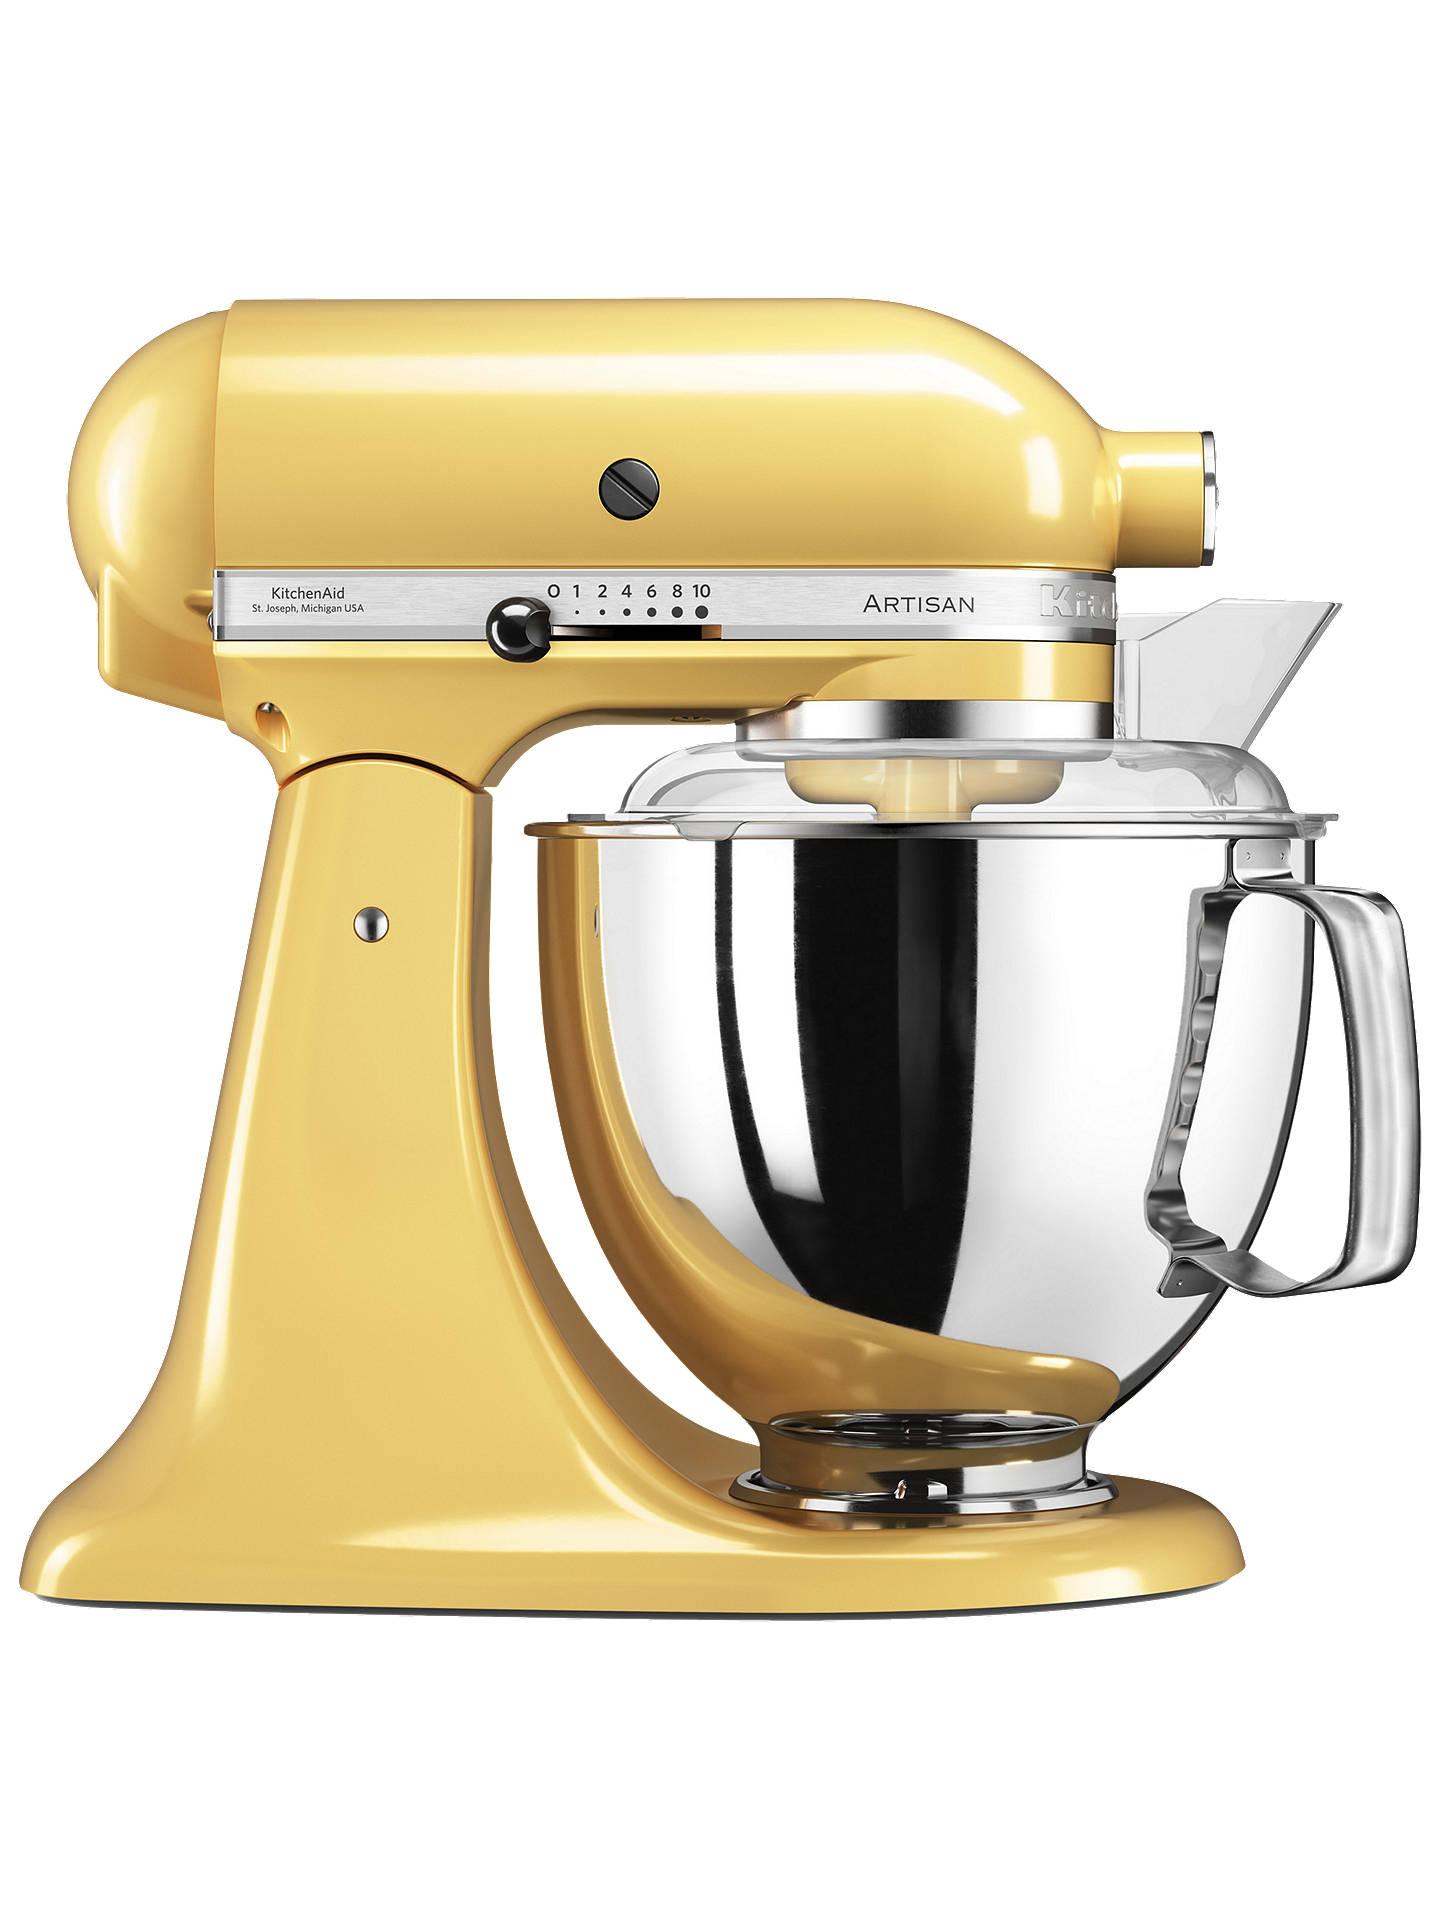 Kitchen Aid 175 Artisan 4.8 L Stand Mixer, Majestic Yellow by Kitchenaid